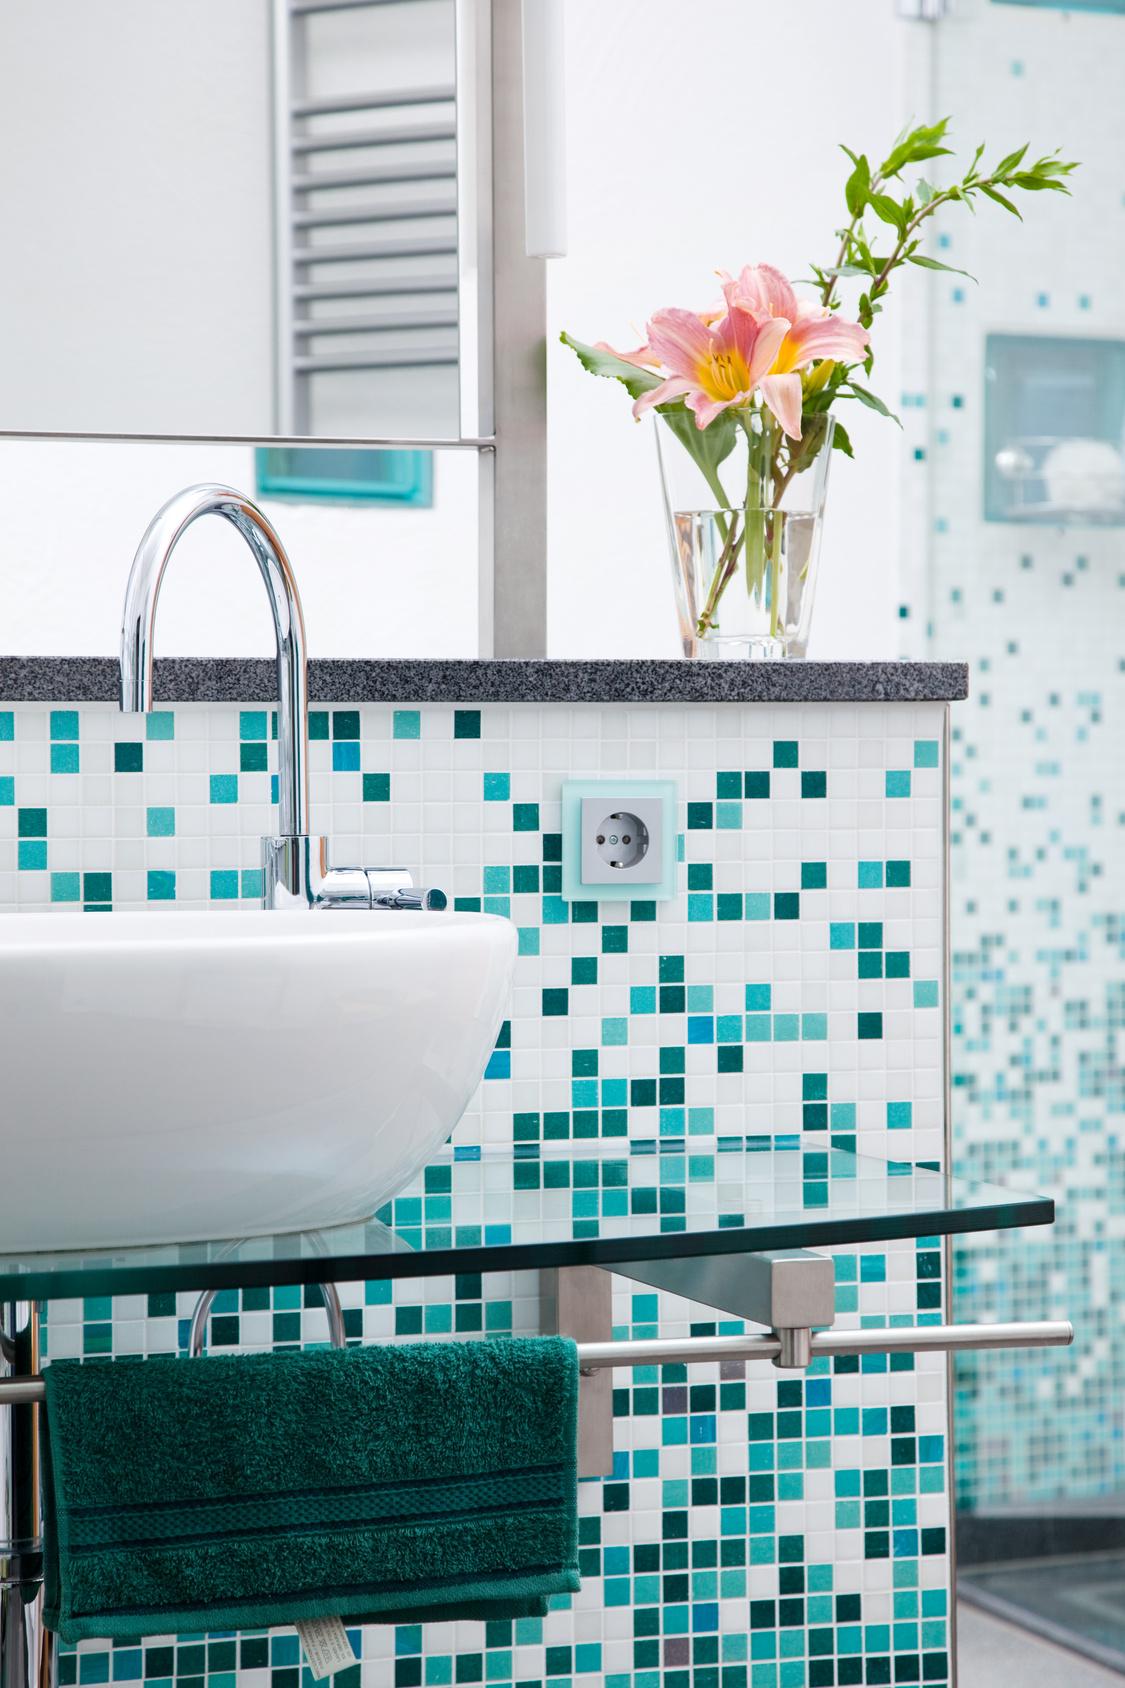 Mosaikfliesen Optische Highlights Für Wand Und Boden Brandstädter - Mosaik fliesen 5x5cm